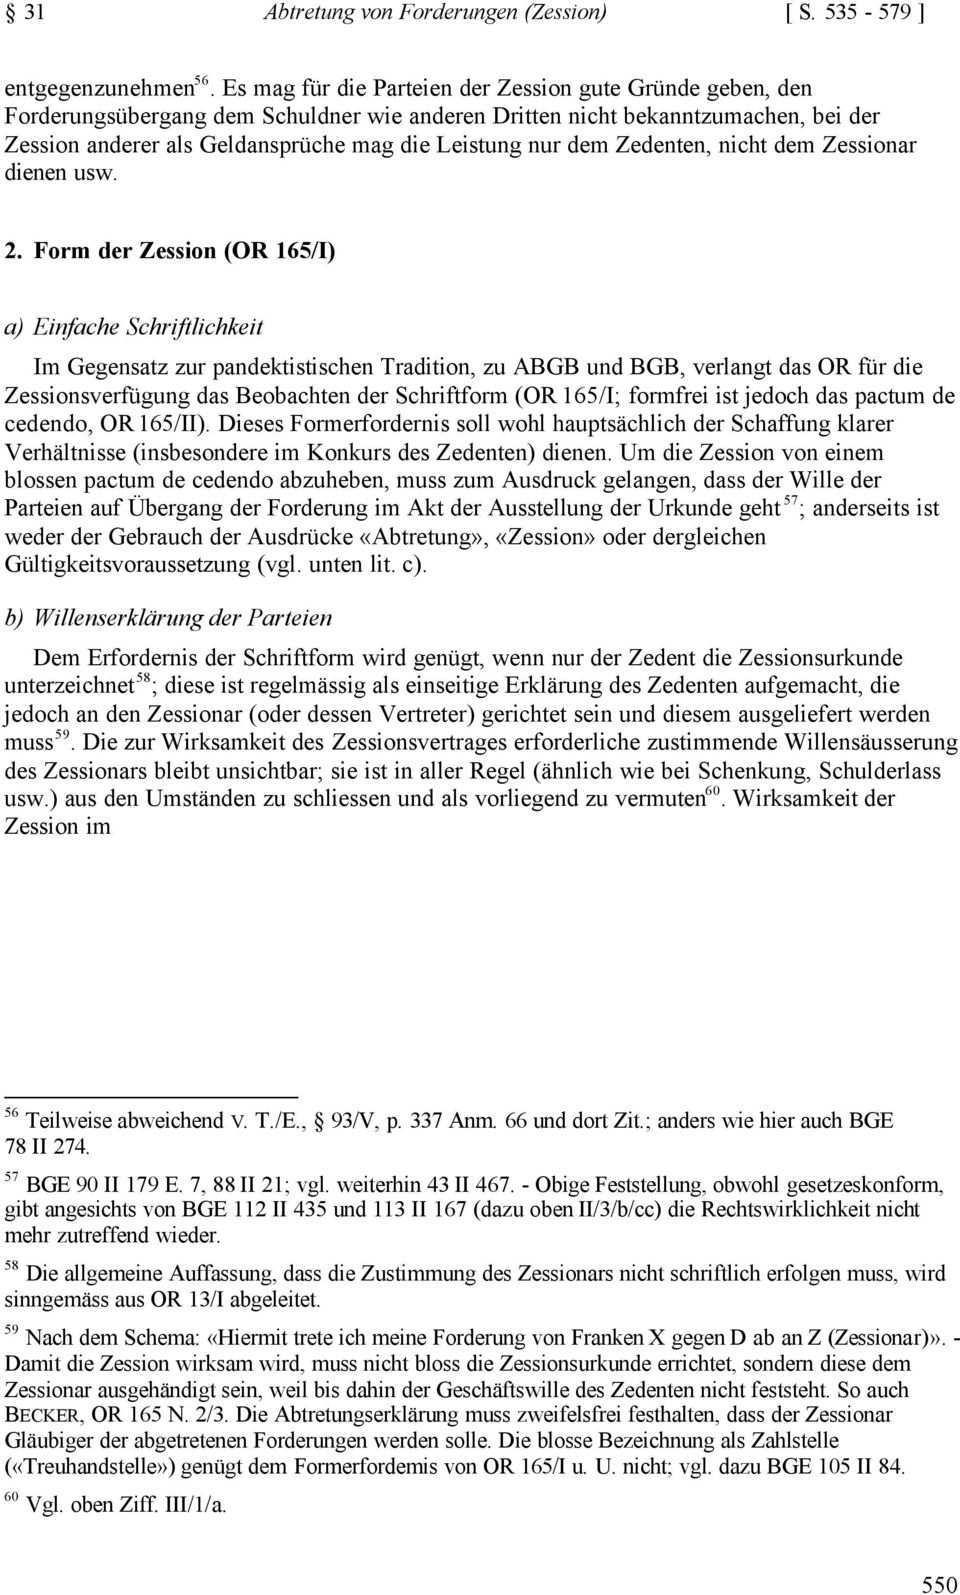 31 Abtretung Von Forderungen Zession 535 I Allgemeines Begriff Komparatistische Hinweise Praktische Bedeutung 538 Ii Pdf Kostenfreier Download